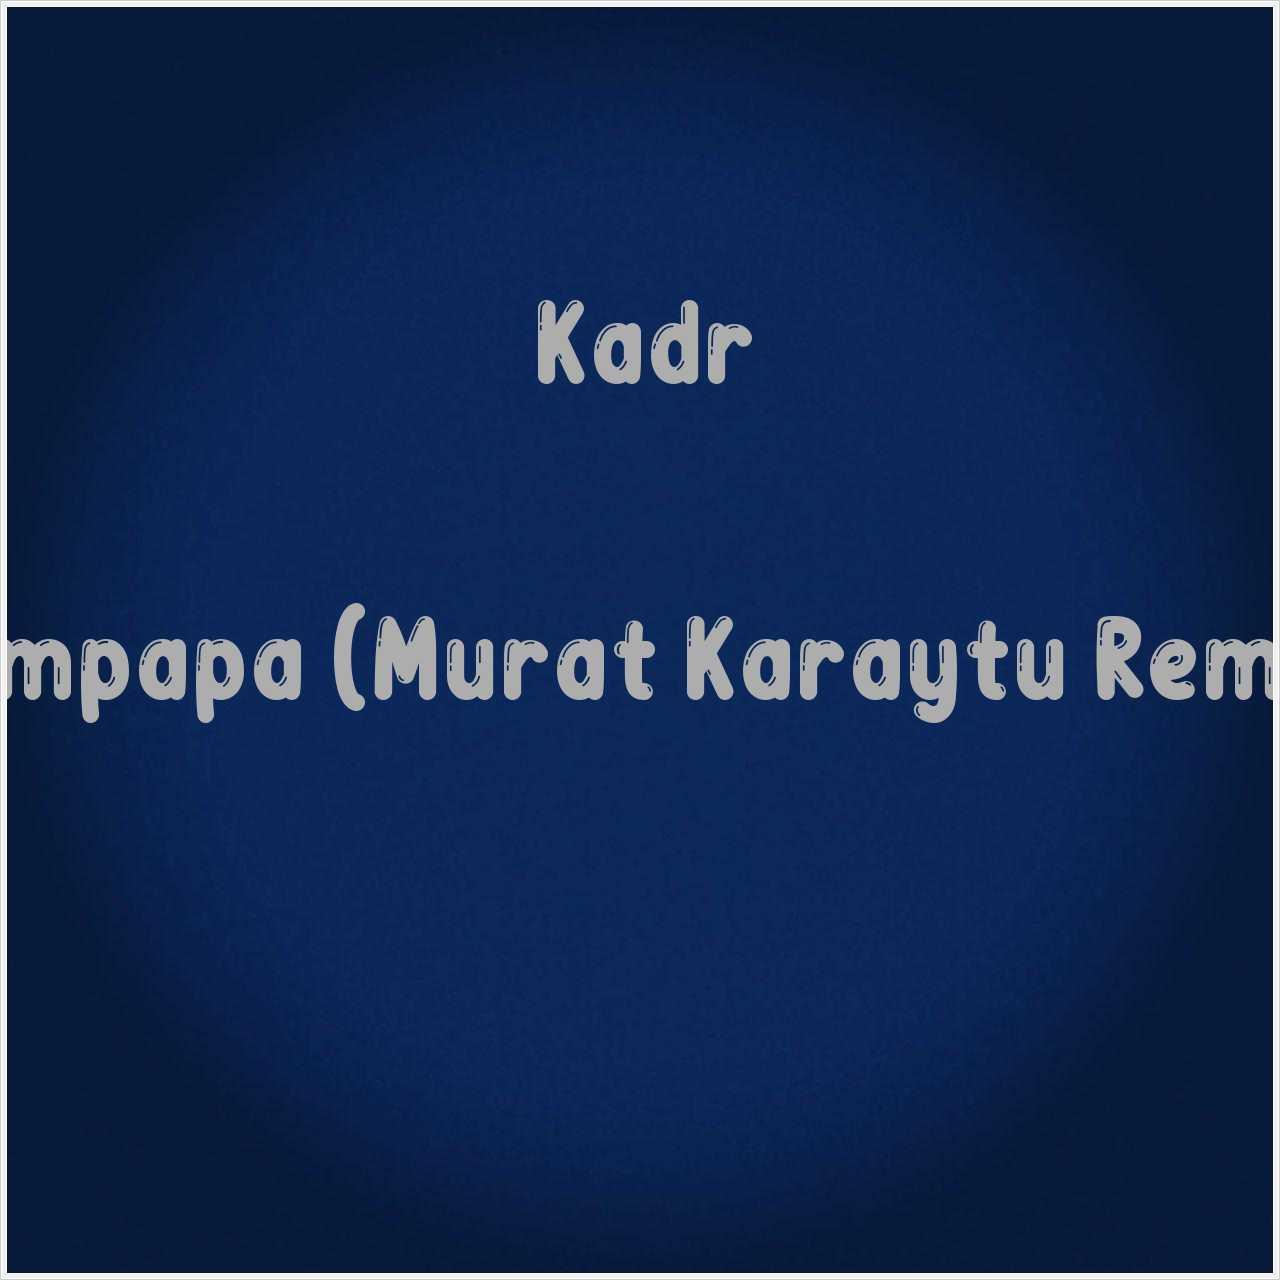 دانلود آهنگ جدید Kadr به نام Rampapa (Murat Karaytu Remix)